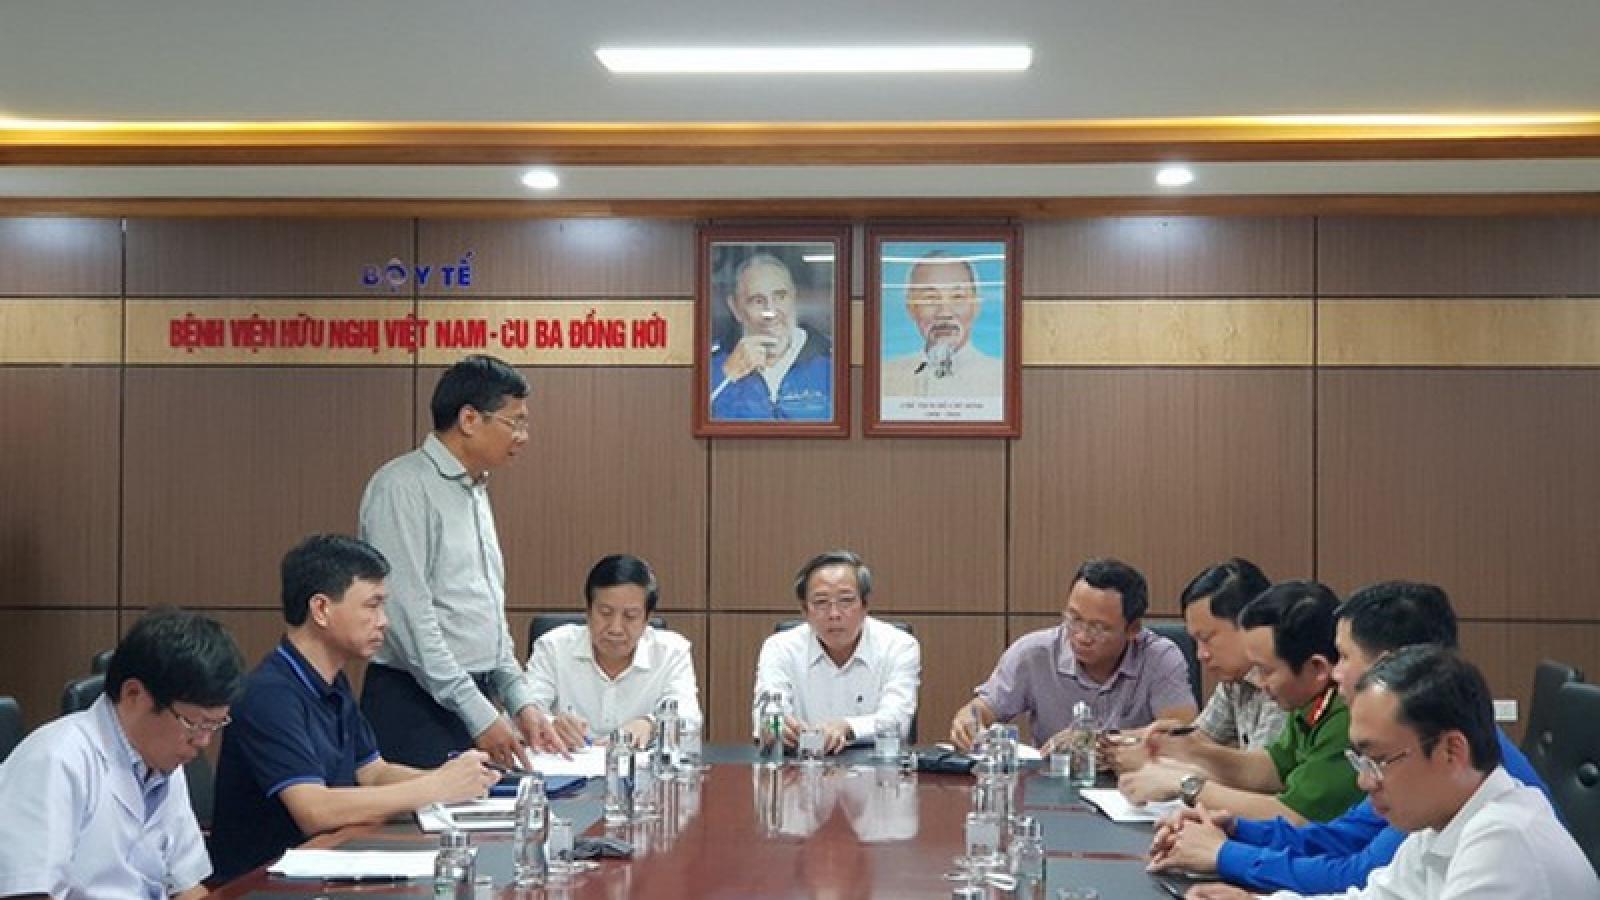 Tài xế xe khách tai nạn ở Quảng Bình không đủ điều kiện lái xe 45 chỗ